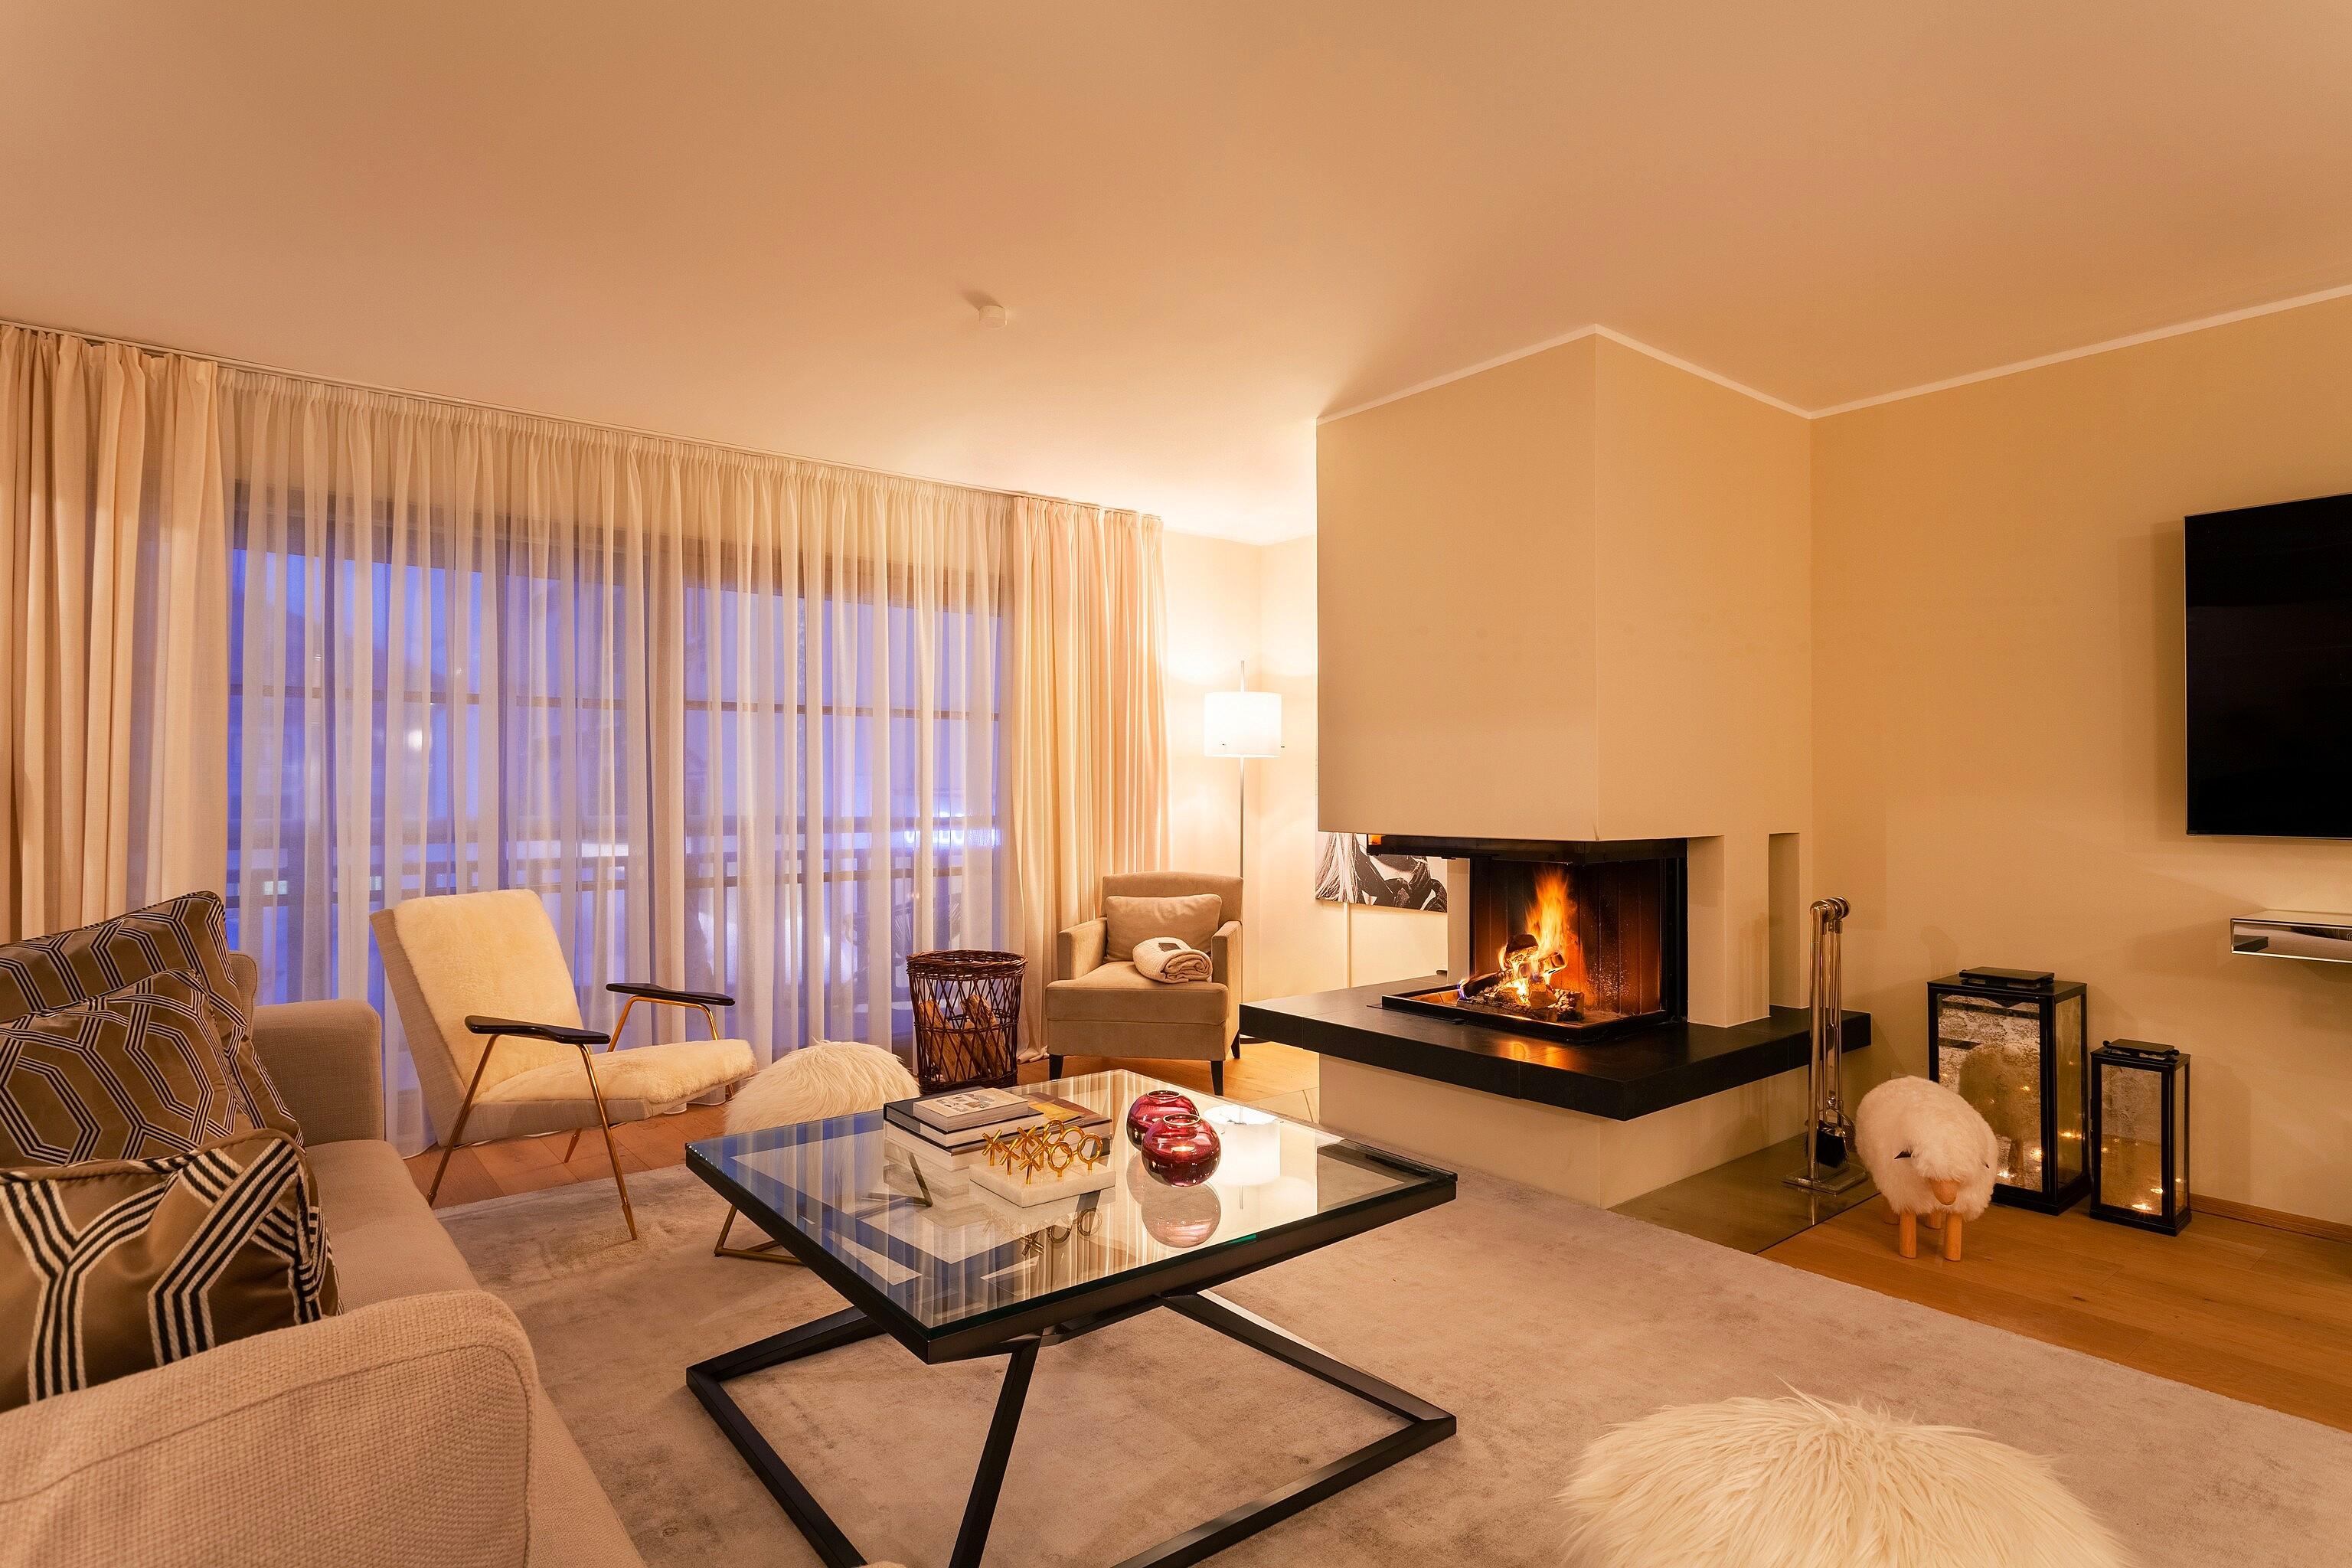 Slider - Apartment 4 - Wohnzimmer mit Kamin